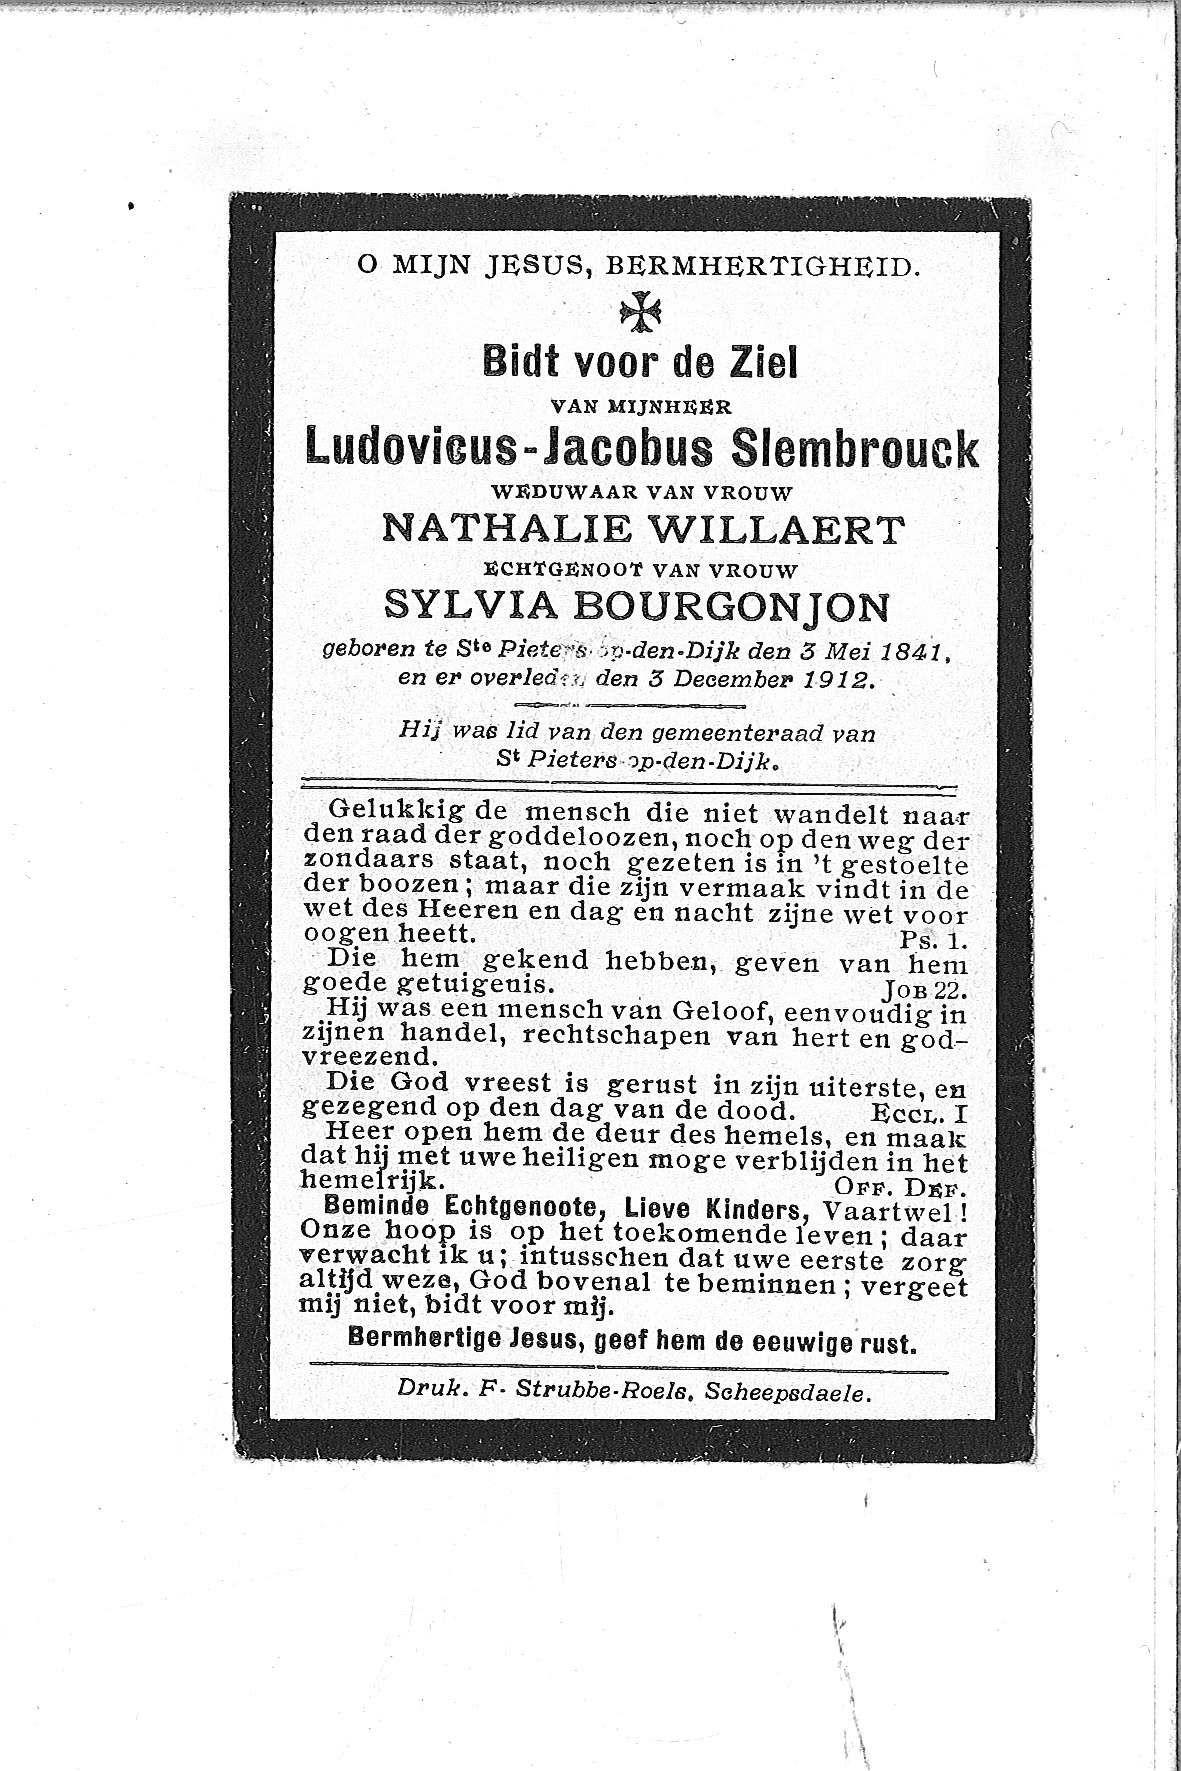 Ludovicus-Jacobus(1912)20140331080045_00003.jpg